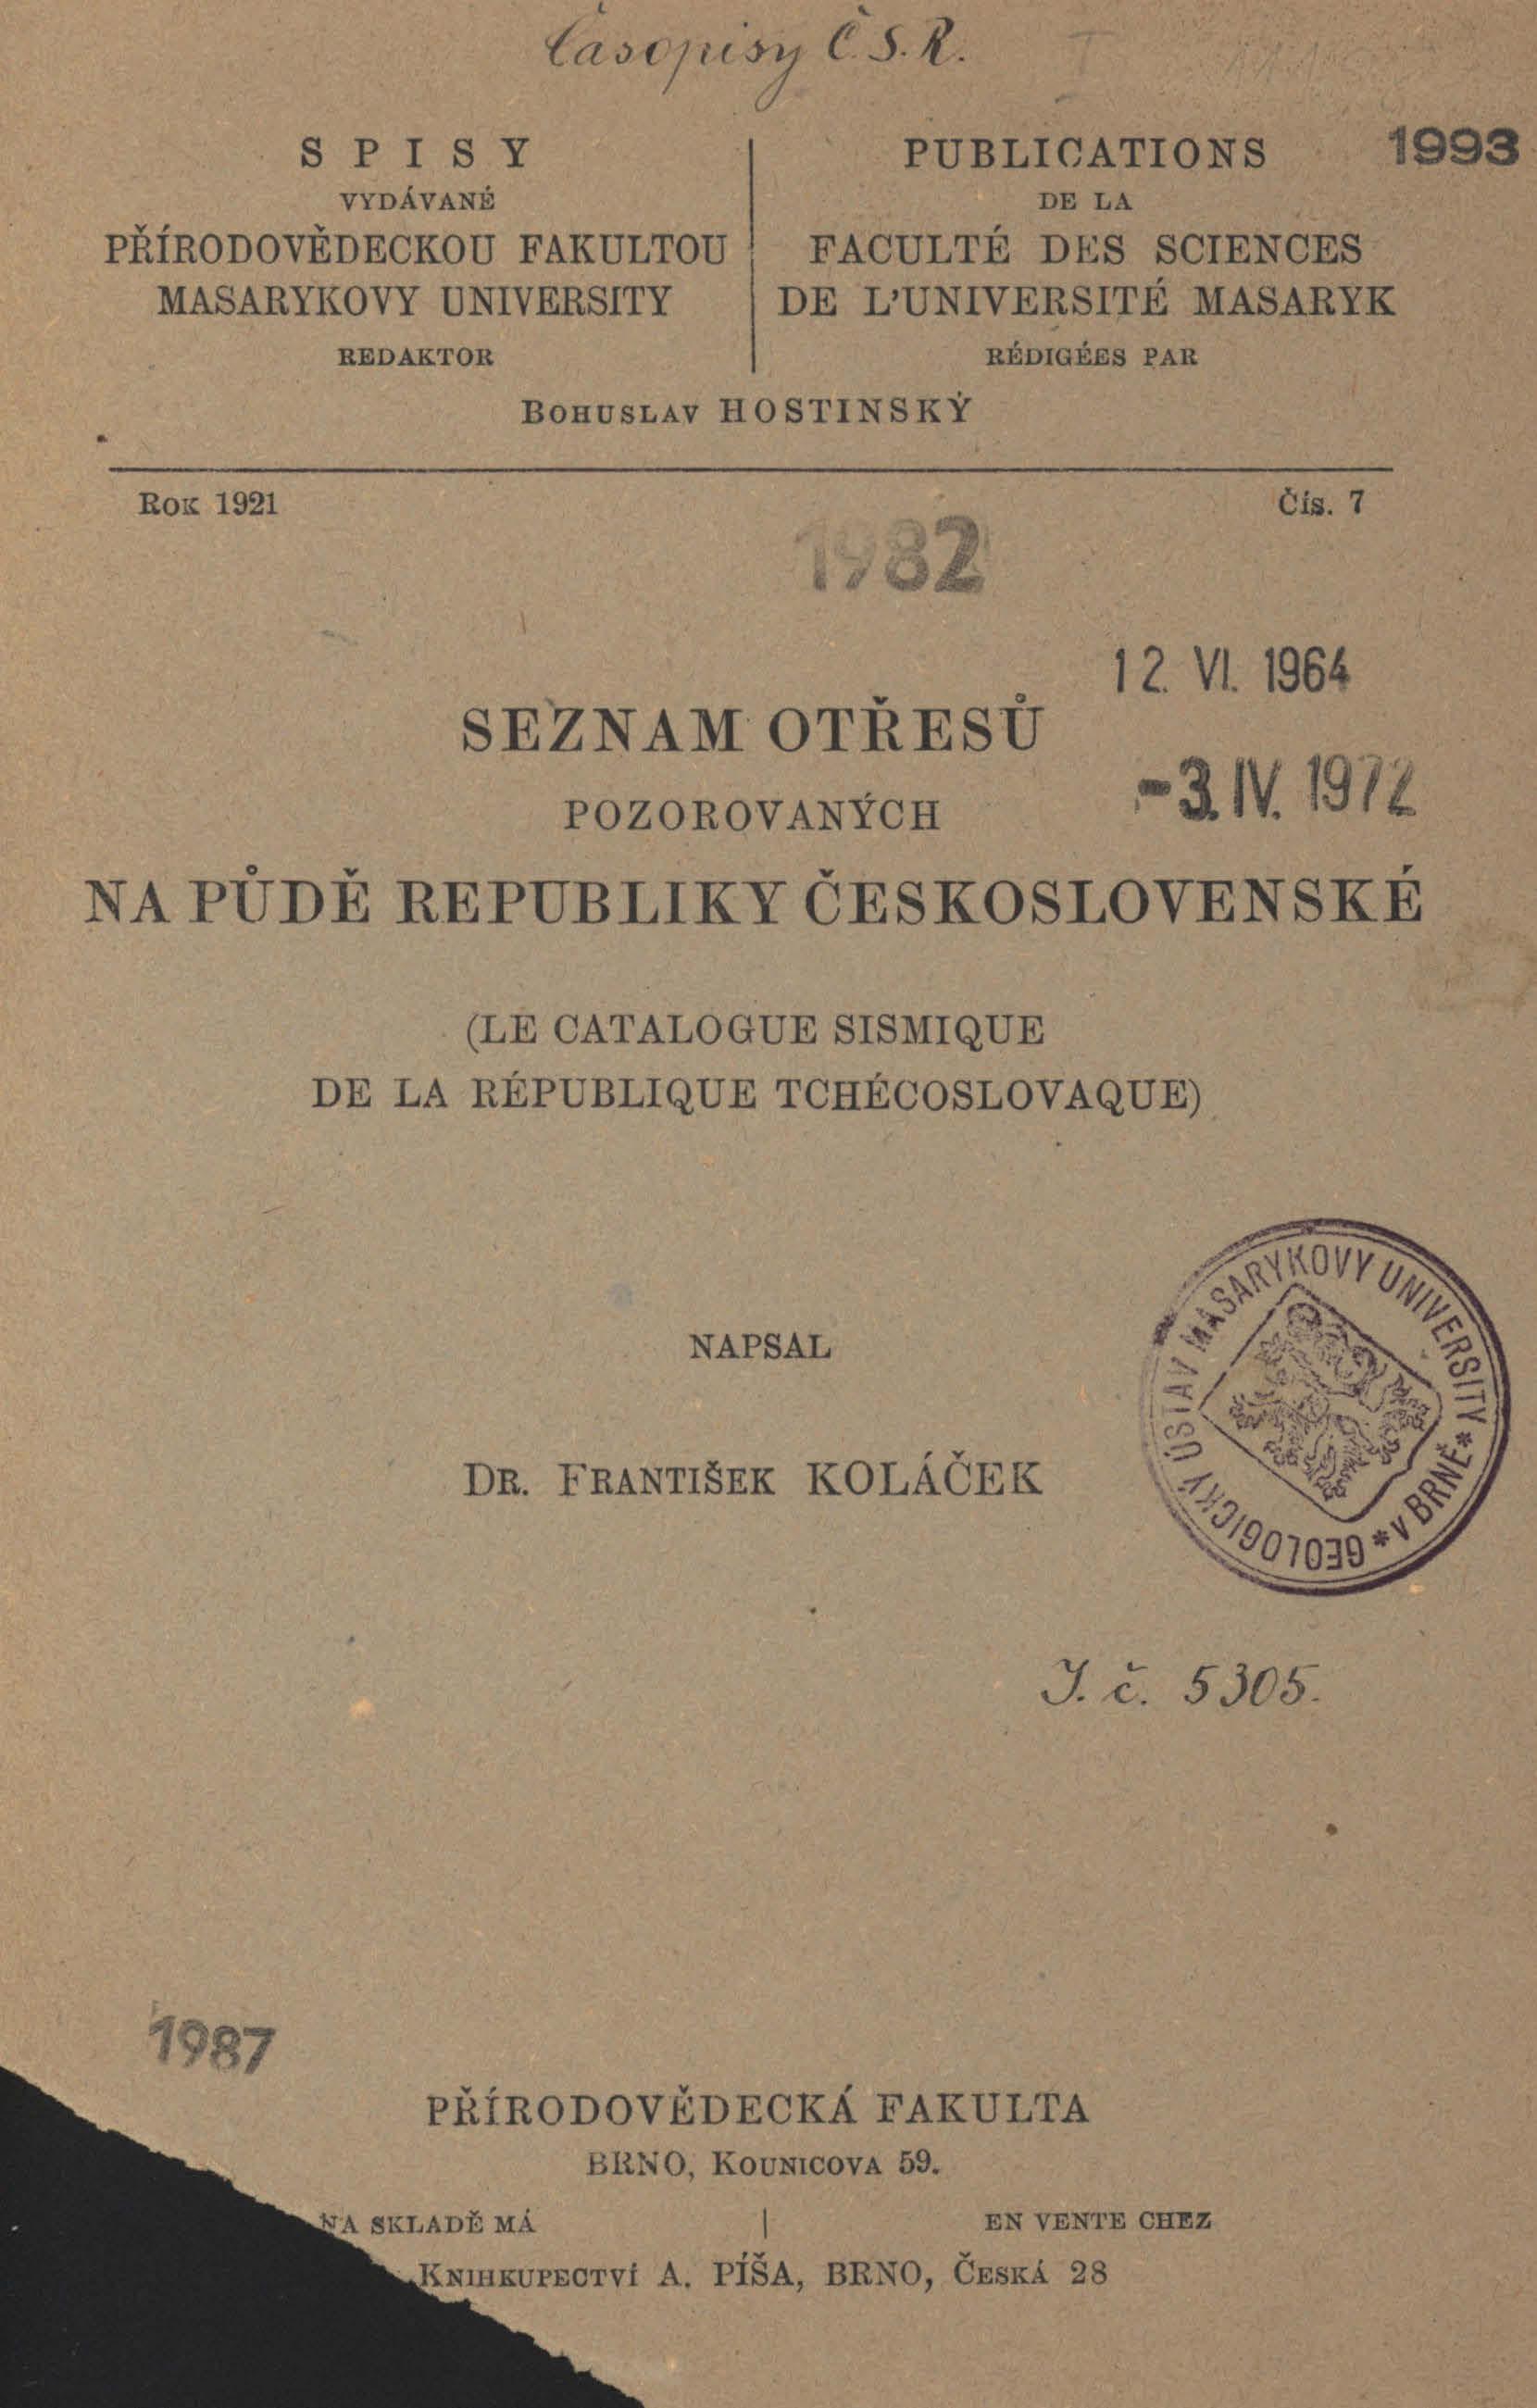 Obálka pro Seznam otřesů pozorovaných na půdě Republiky československé